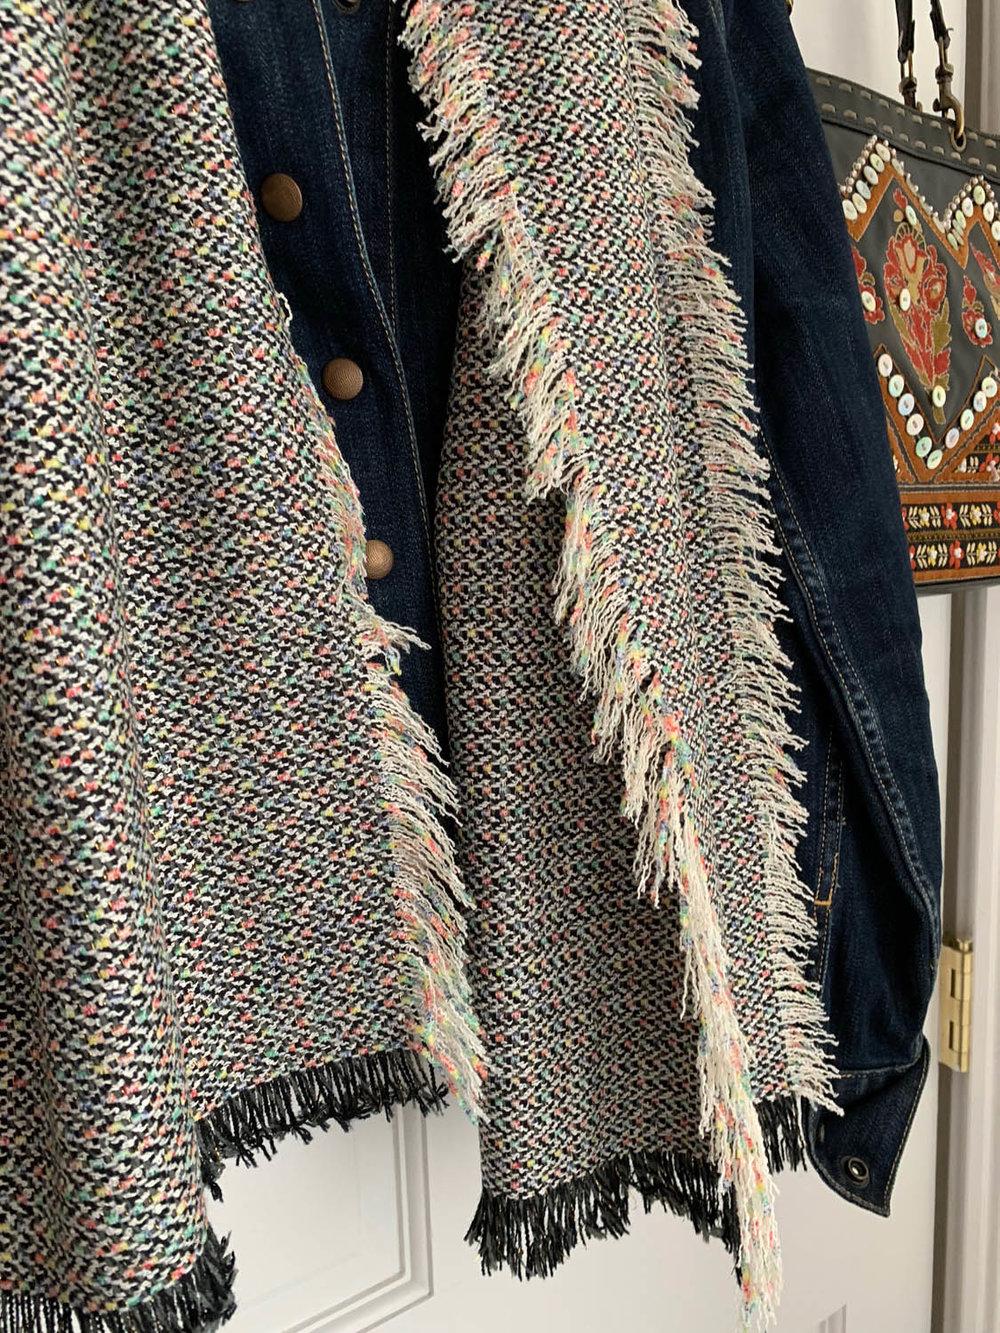 Finished fringe on fast no-sew upholstery fabric scarf draped over denim jacket